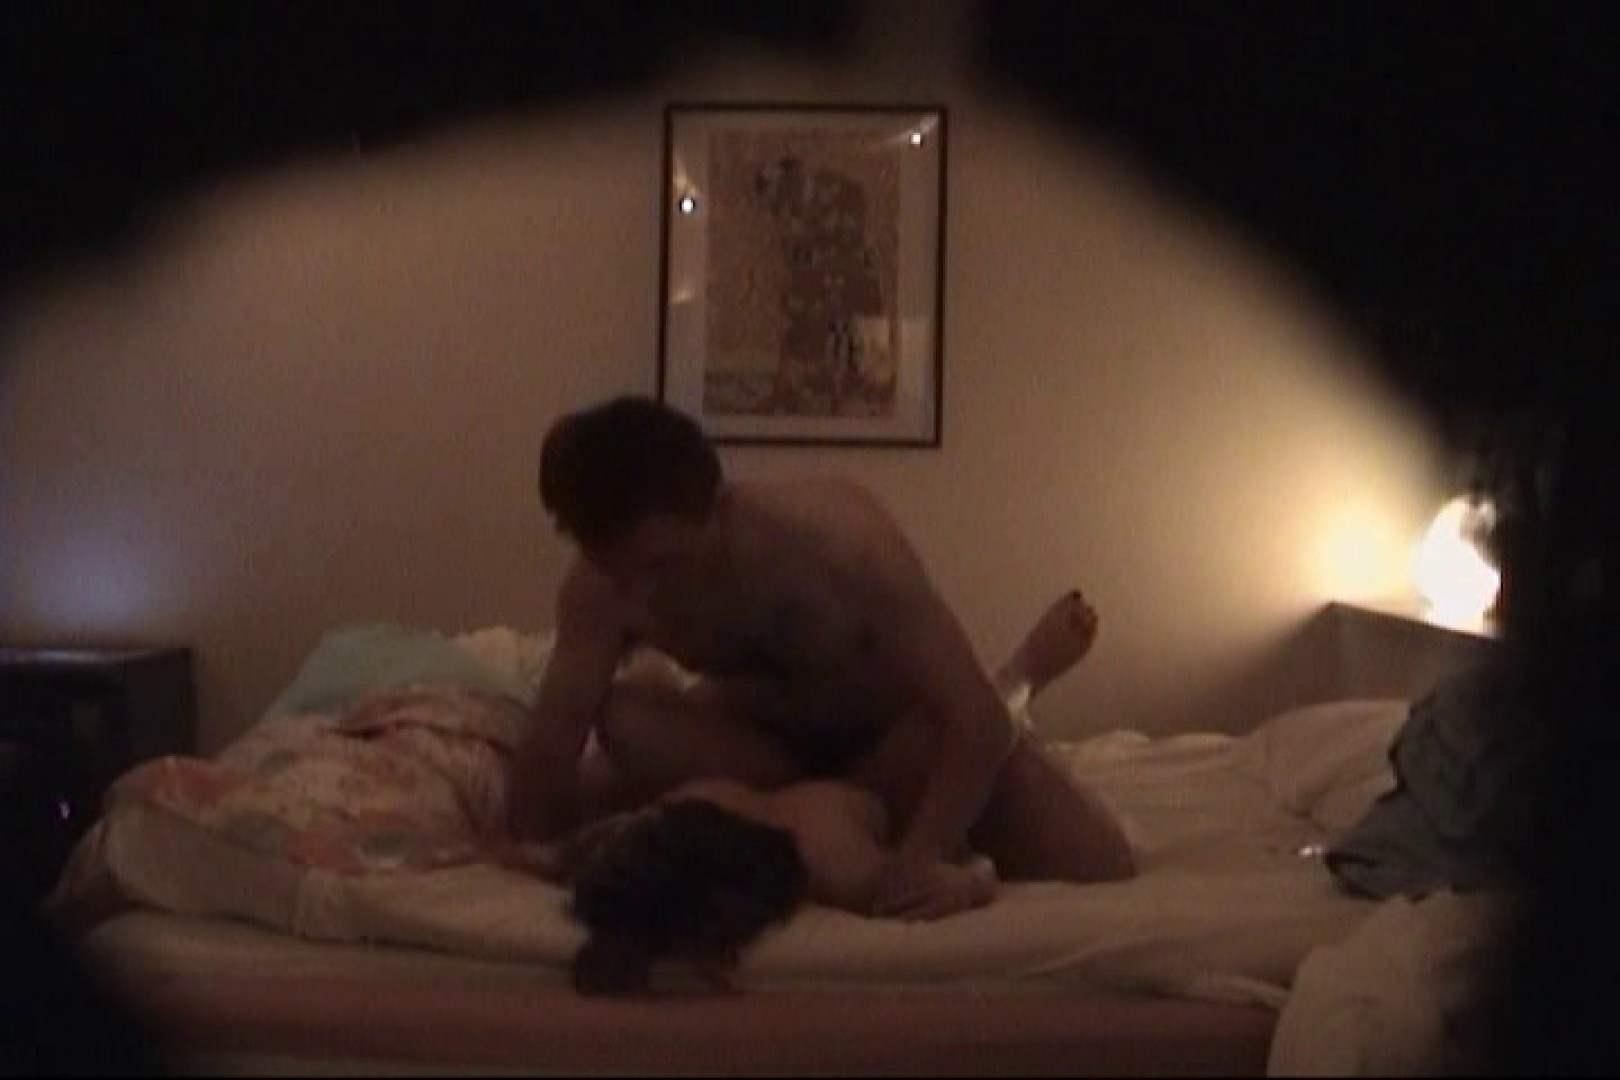 デリ嬢マル秘撮り本物投稿版④ ホテル オメコ無修正動画無料 100pic 51